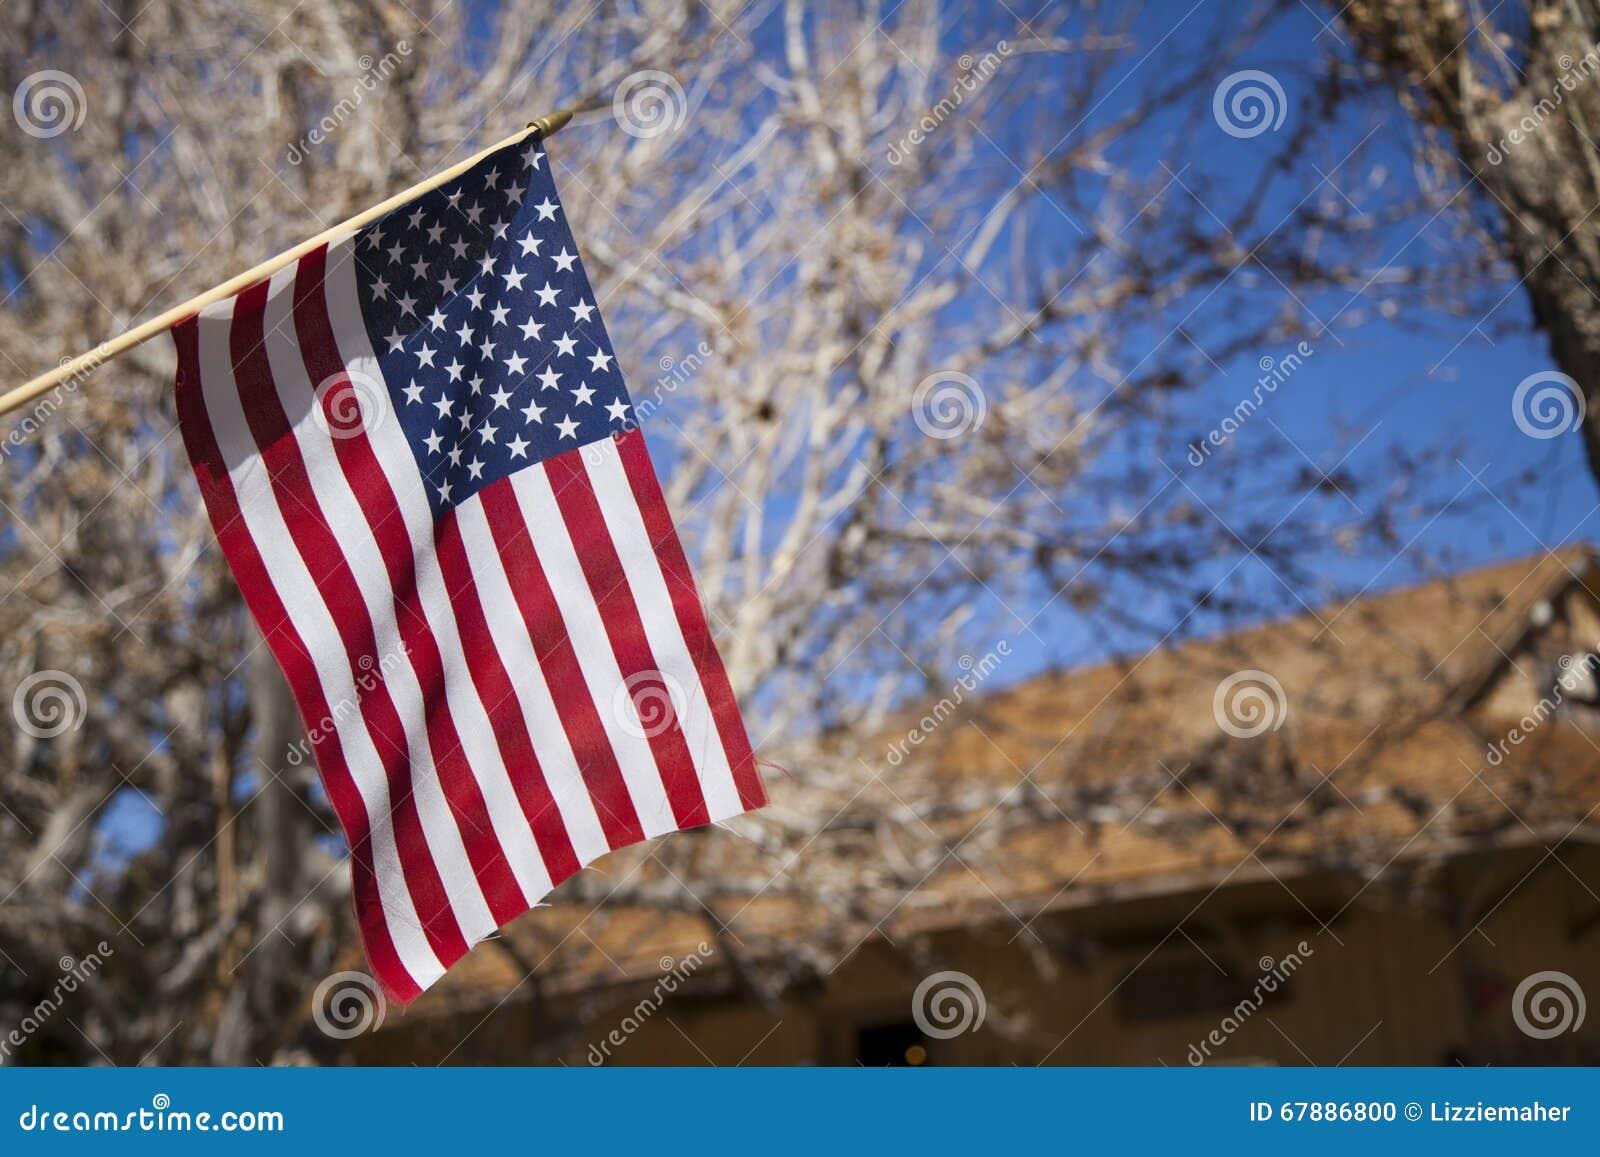 美国国旗飞行